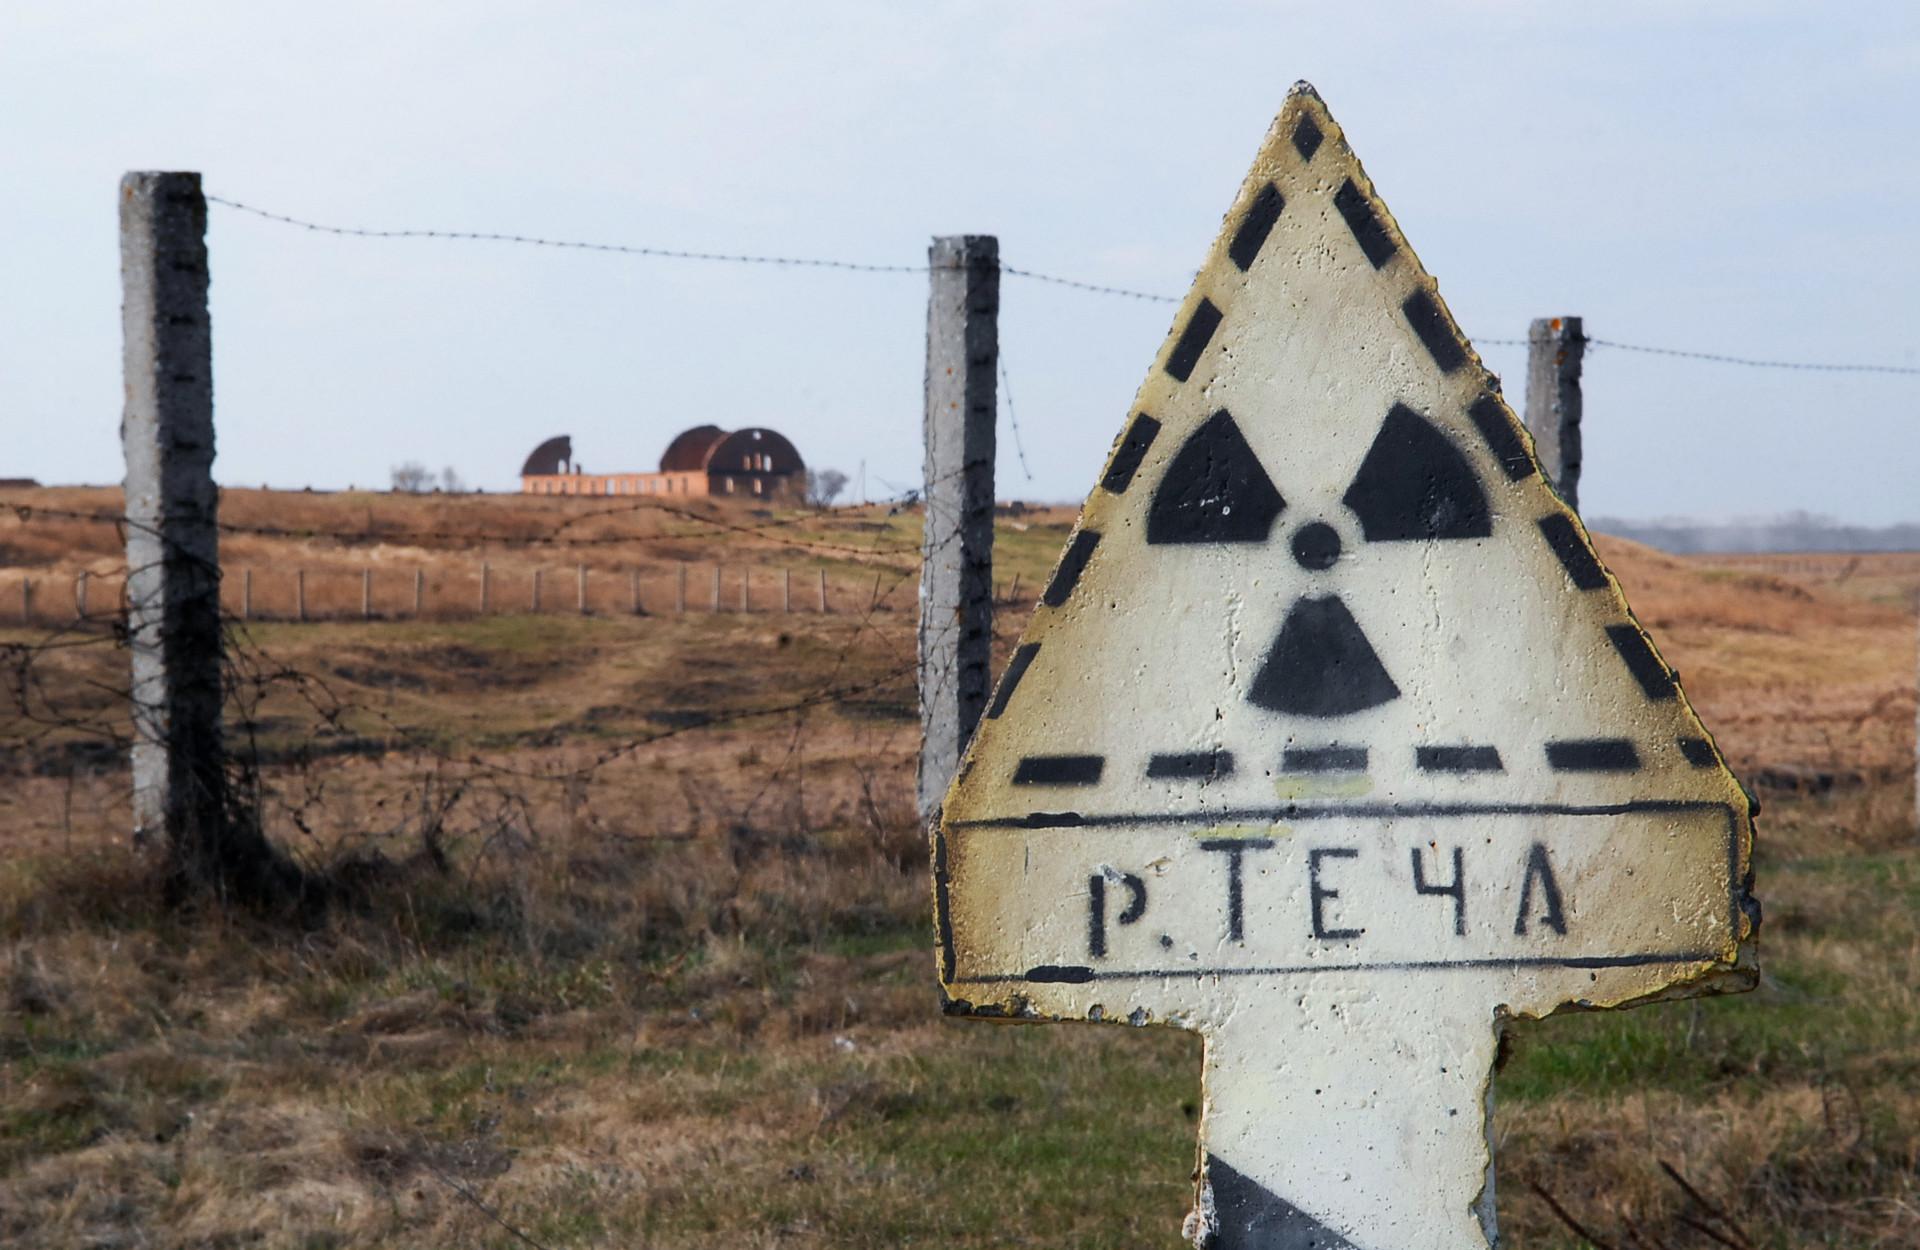 キシュティム事故のときに放射能汚染を受けたムスリモヴォ村。